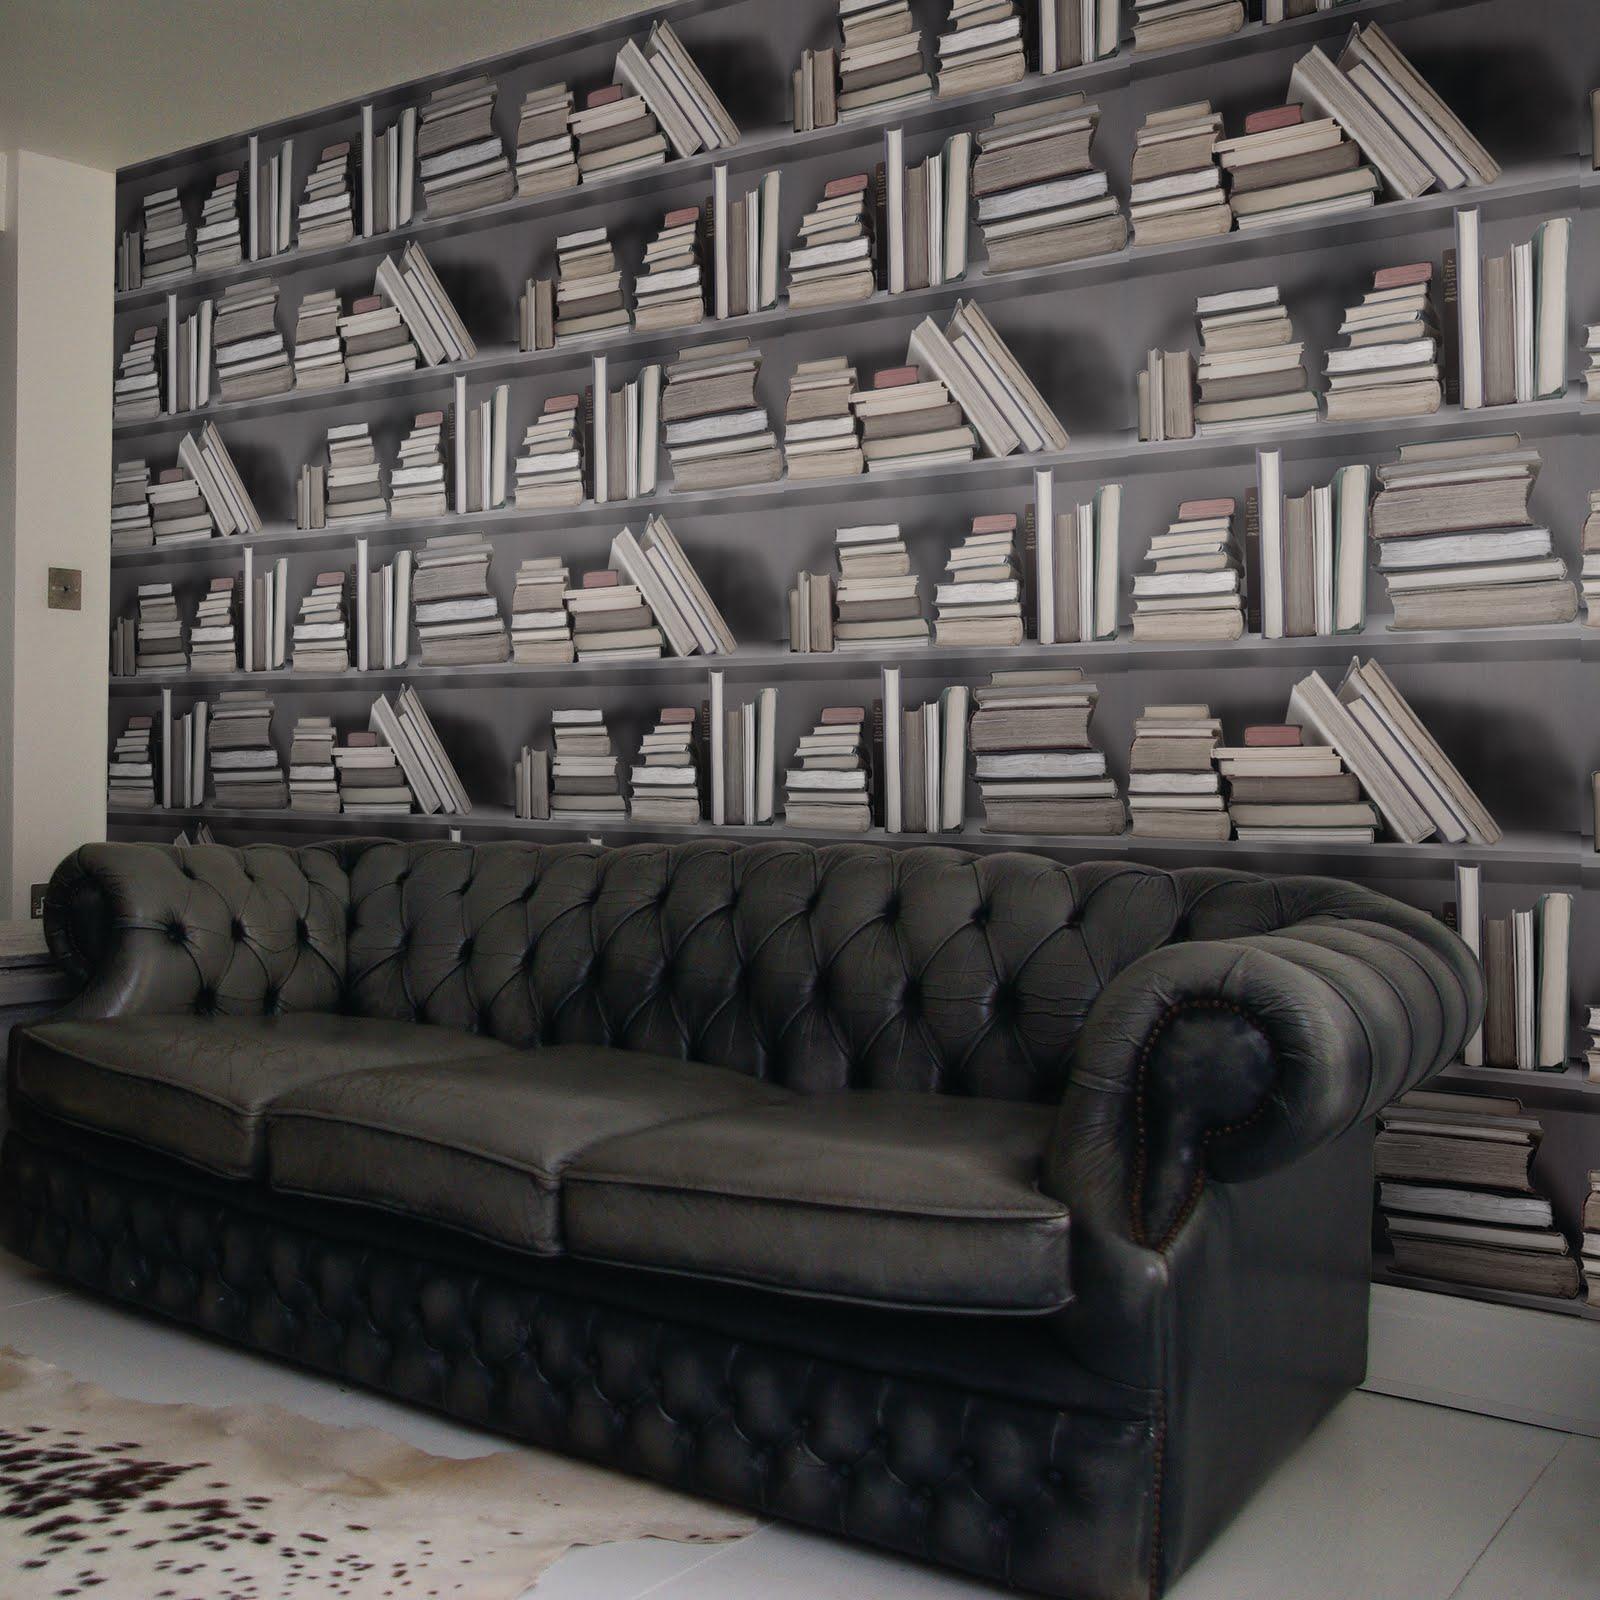 http://3.bp.blogspot.com/_ygG3tDjzQjs/TIDxUl5uLlI/AAAAAAAAEhU/6LTn9mQ5DUQ/s1600/970+BODIE+and+FOU+Bookshelf+wallpaper2.jpg